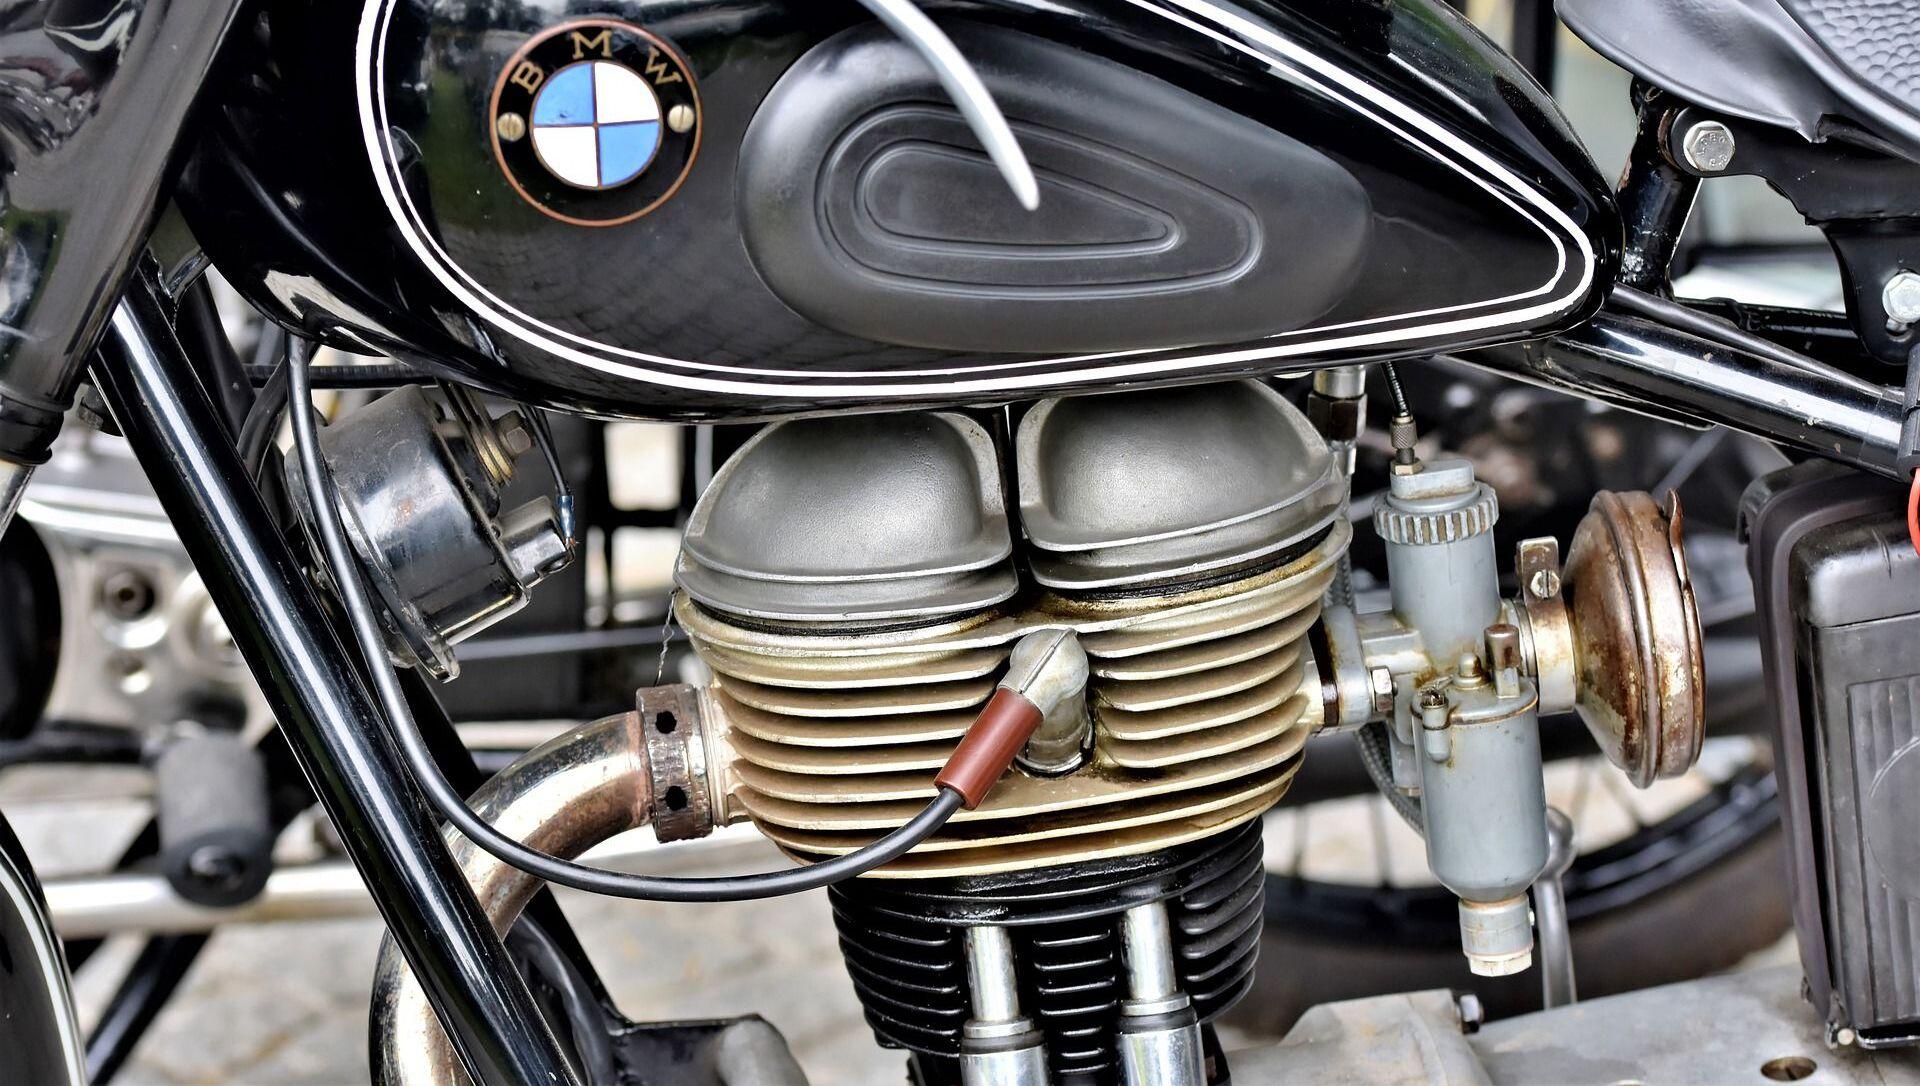 Moteur. Moto. Deux roues. Image d'illustration - Sputnik France, 1920, 13.08.2021